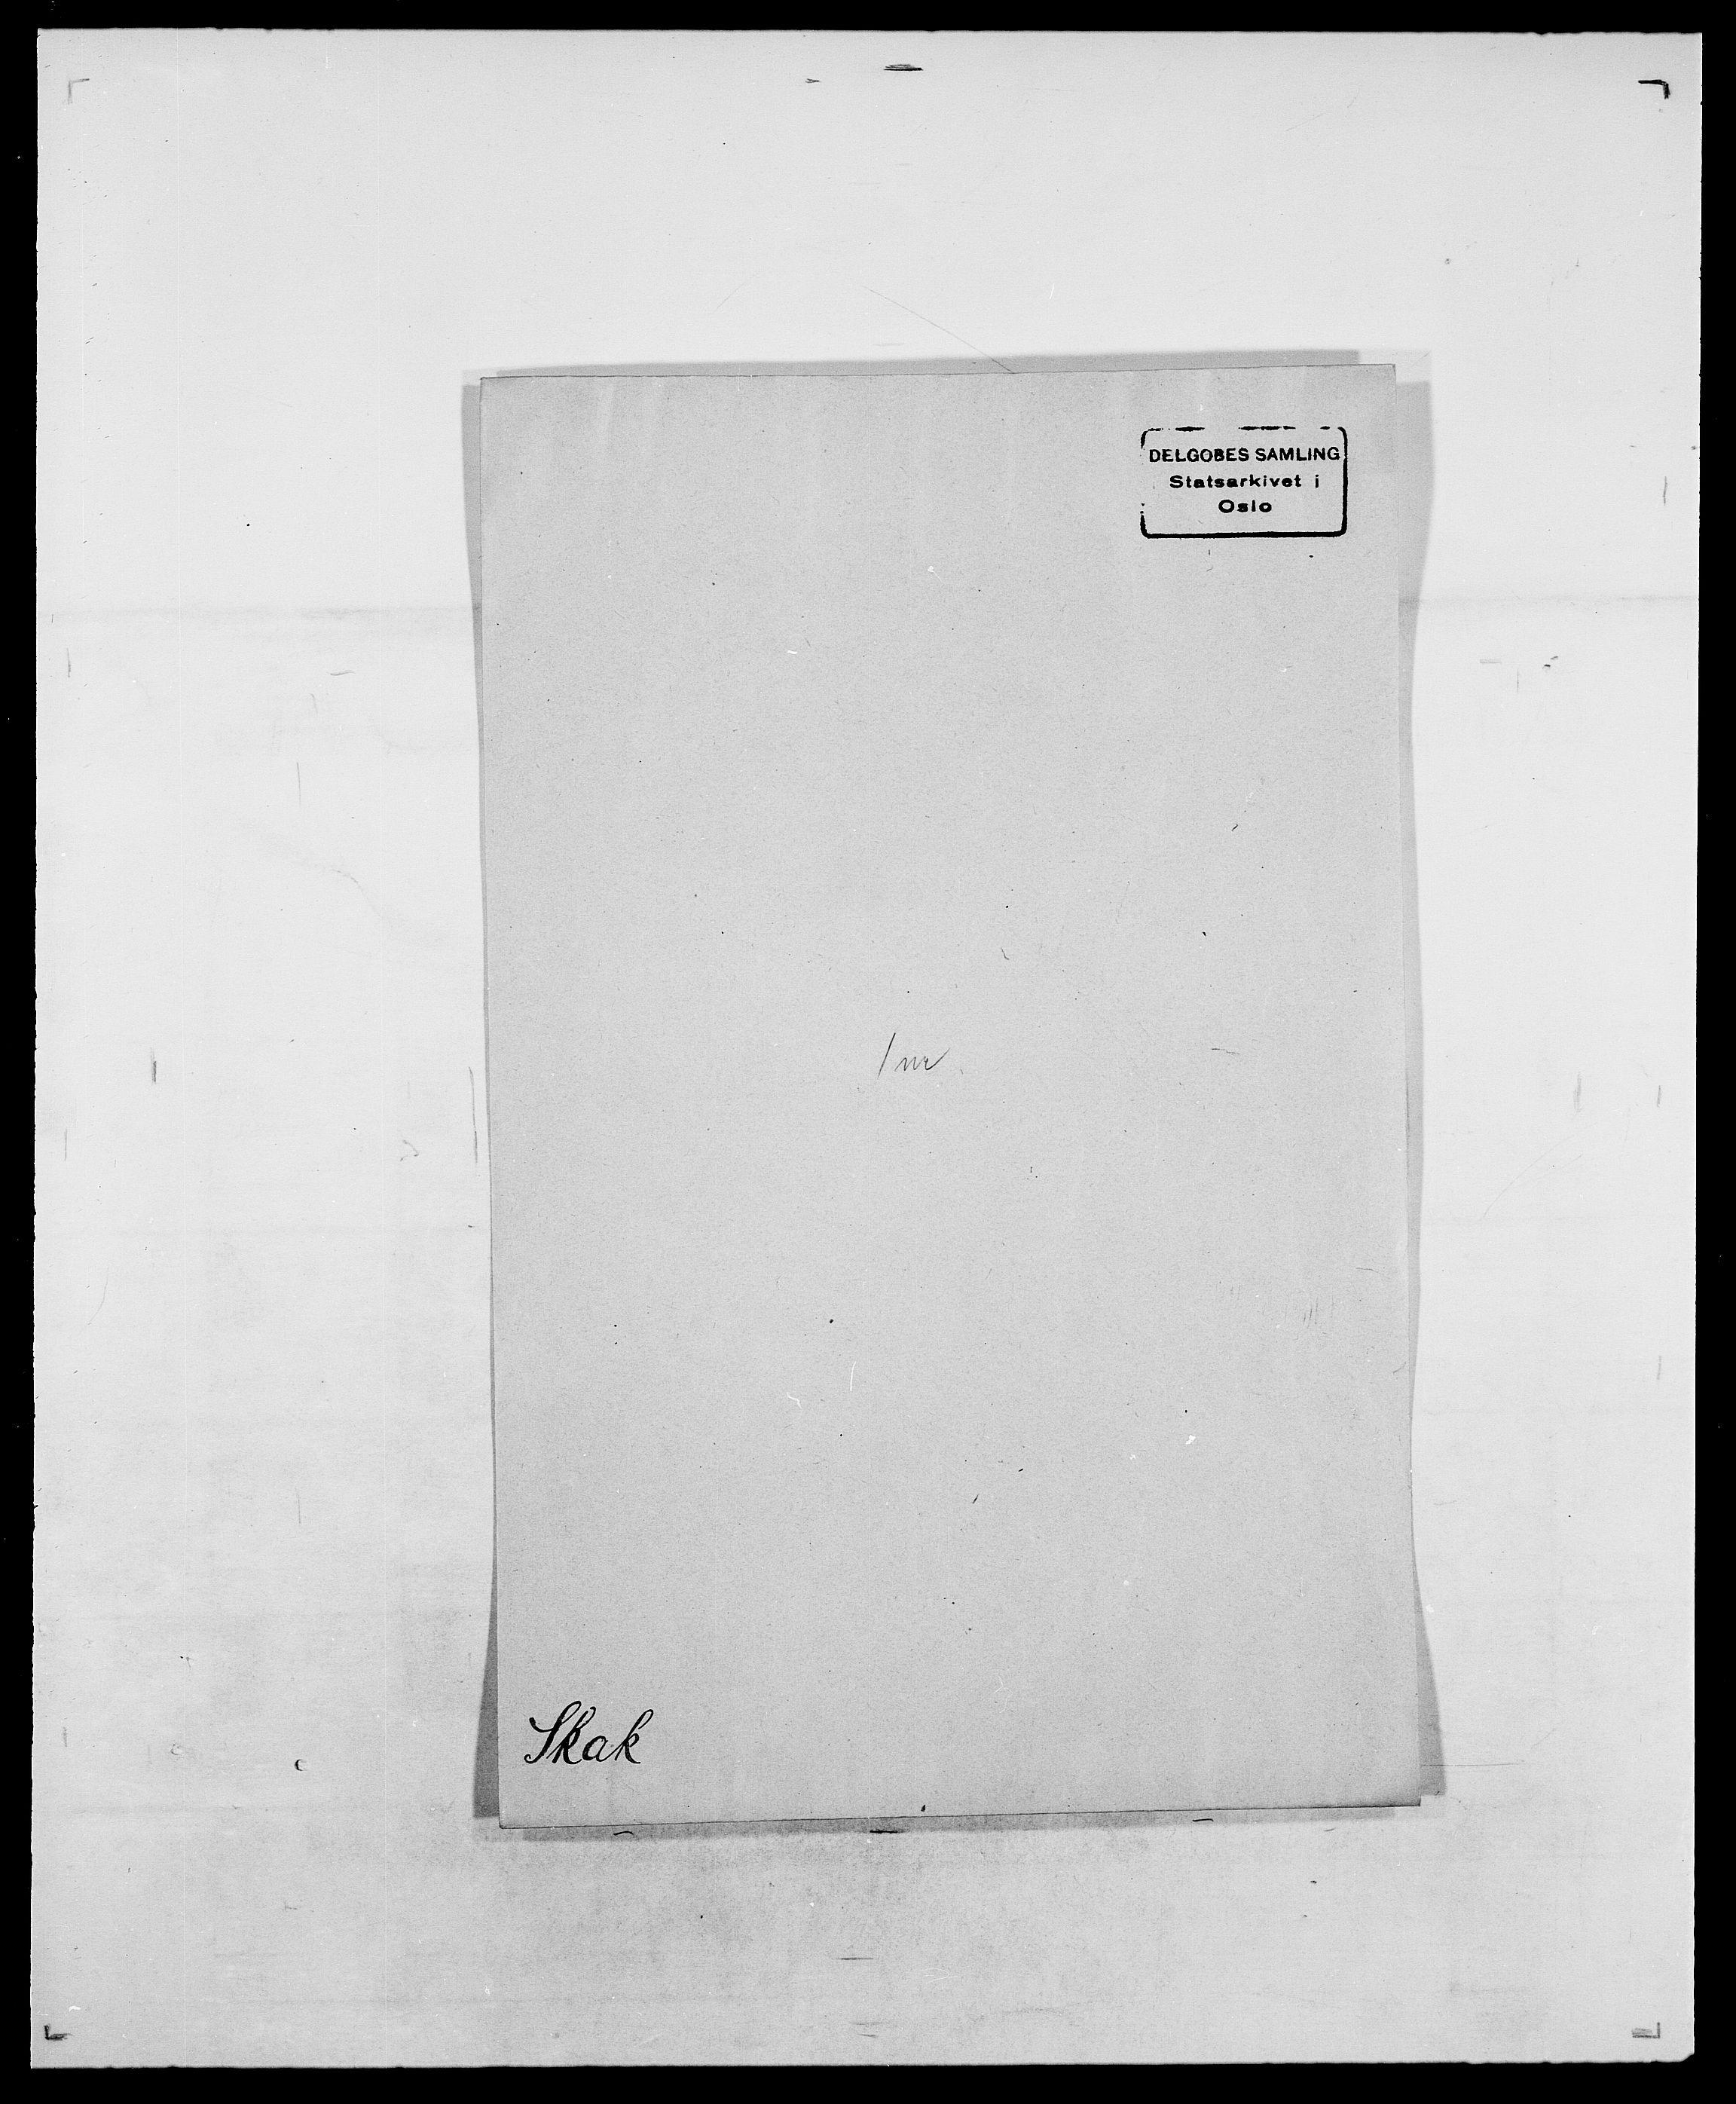 SAO, Delgobe, Charles Antoine - samling, D/Da/L0036: Skaanør - Staverskov, s. 24